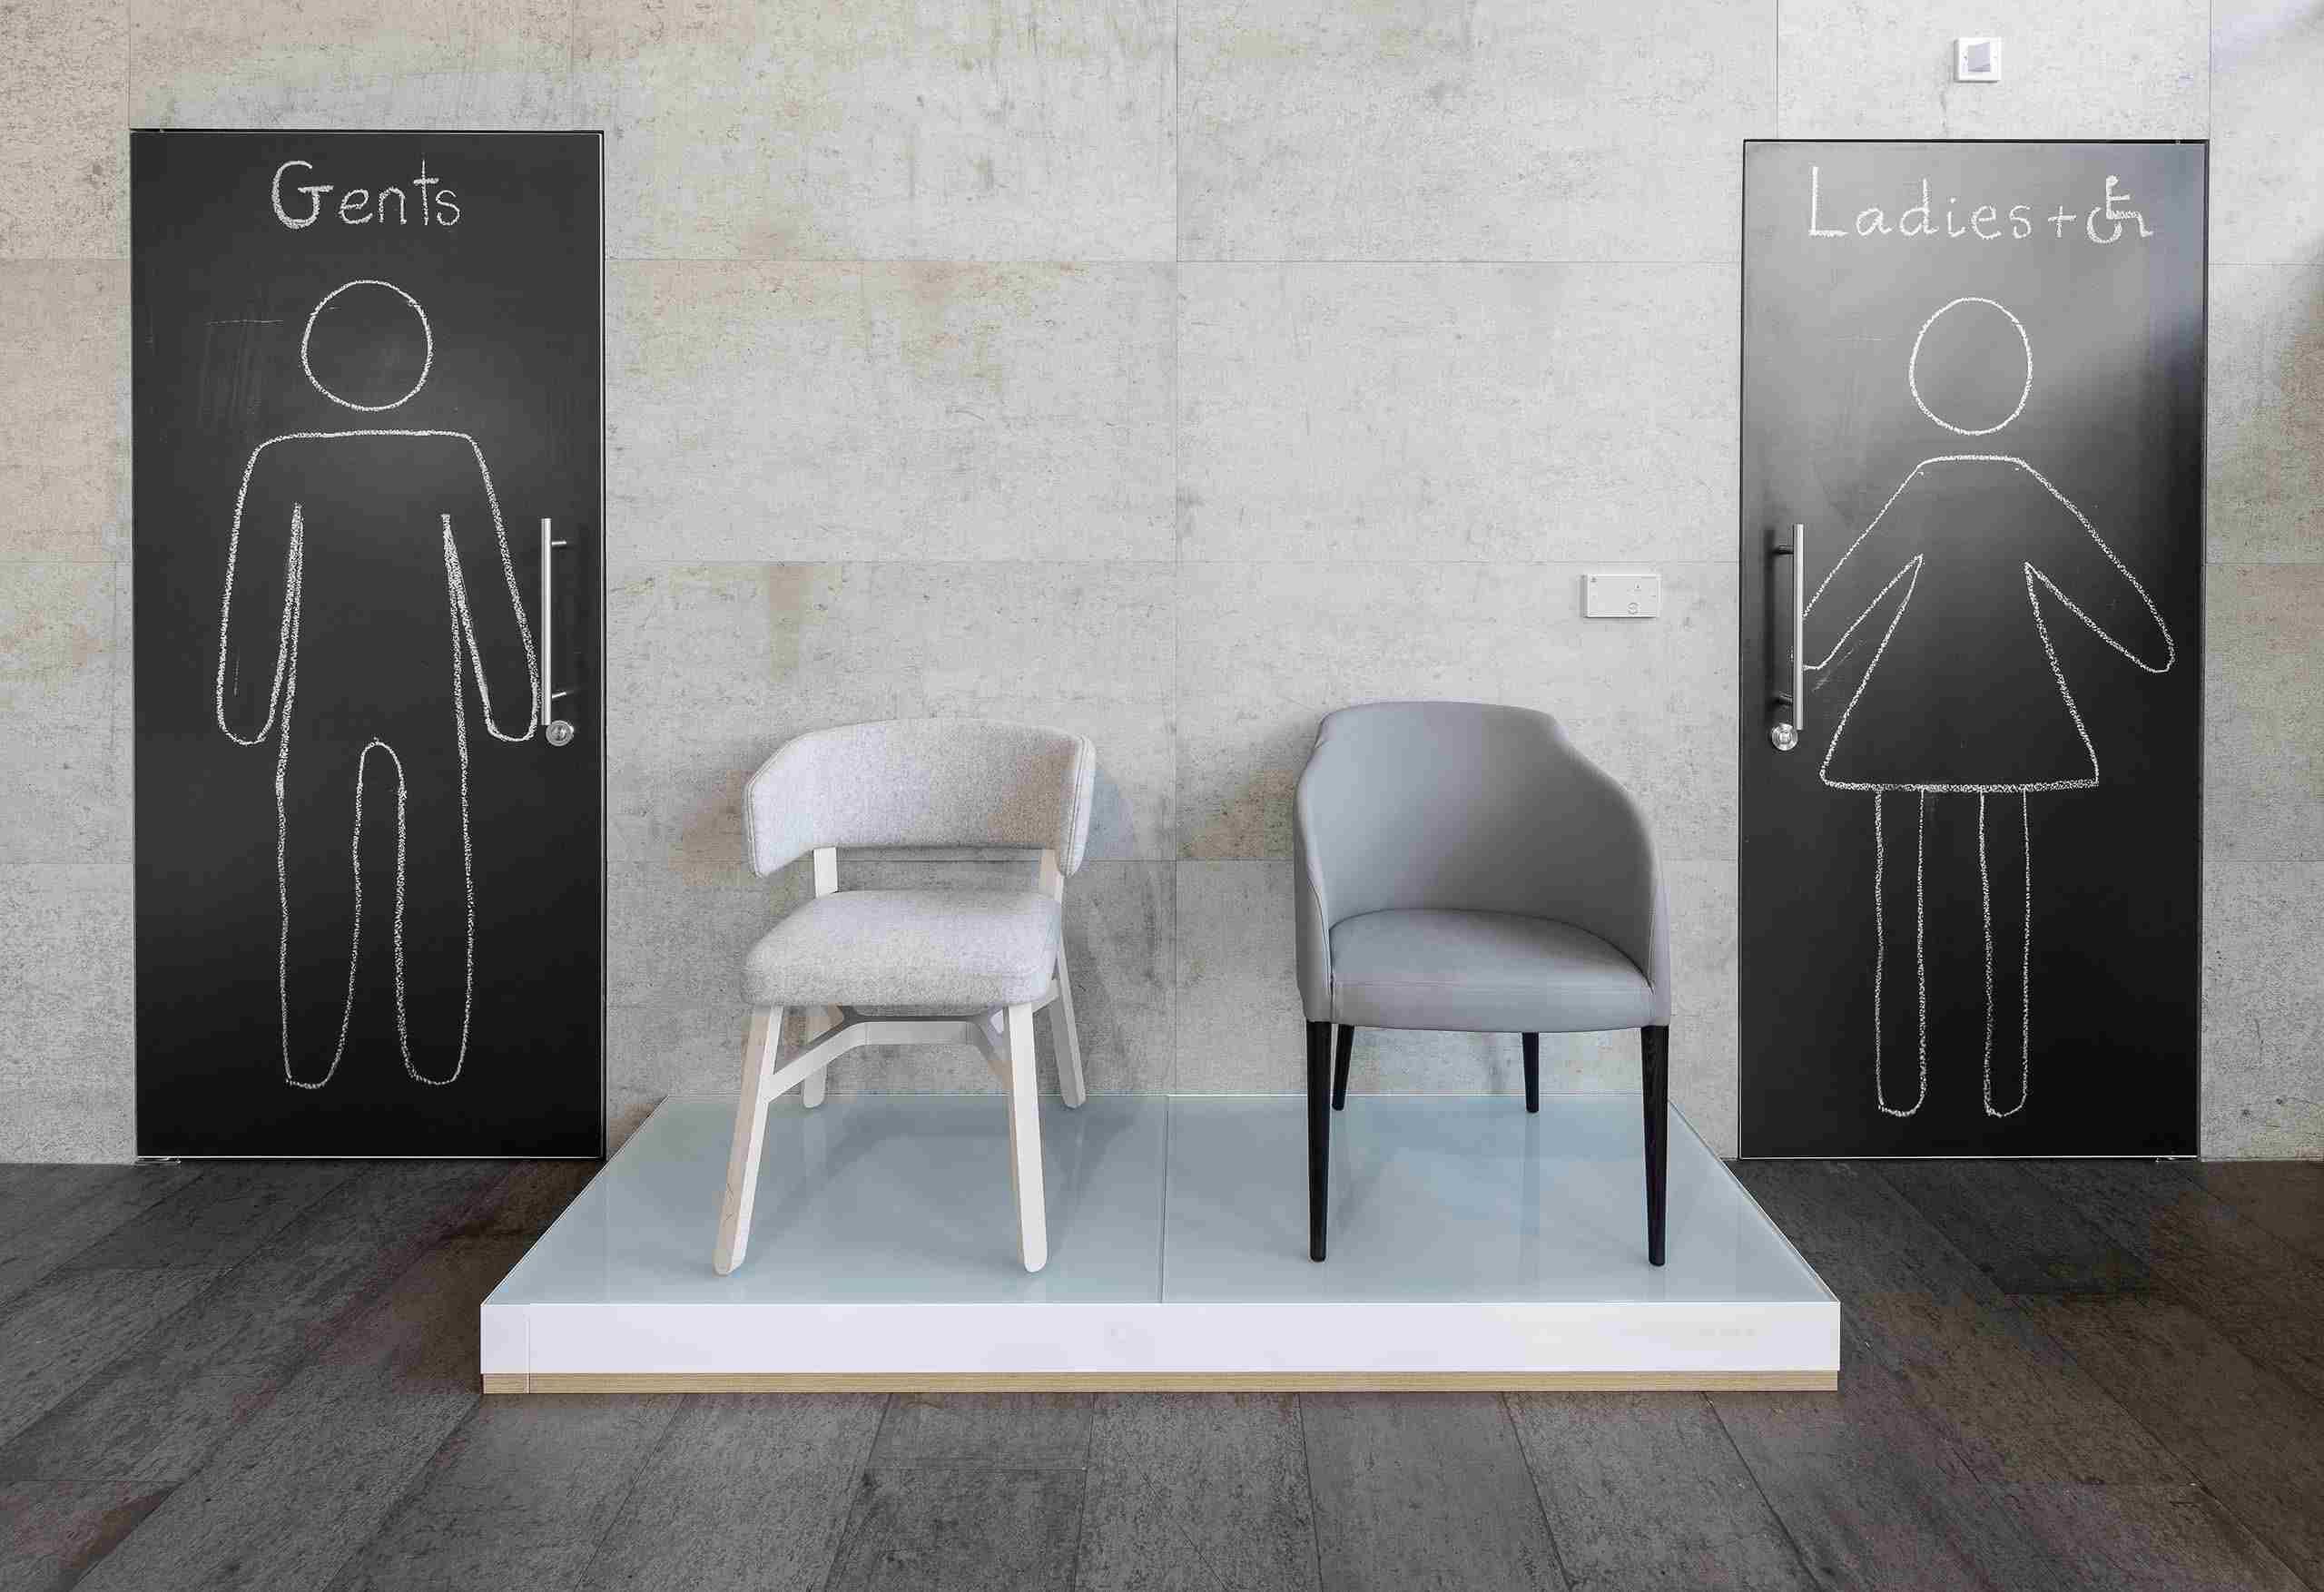 The Best Flooring Options For Senior Citizens - Hom commercial flooring